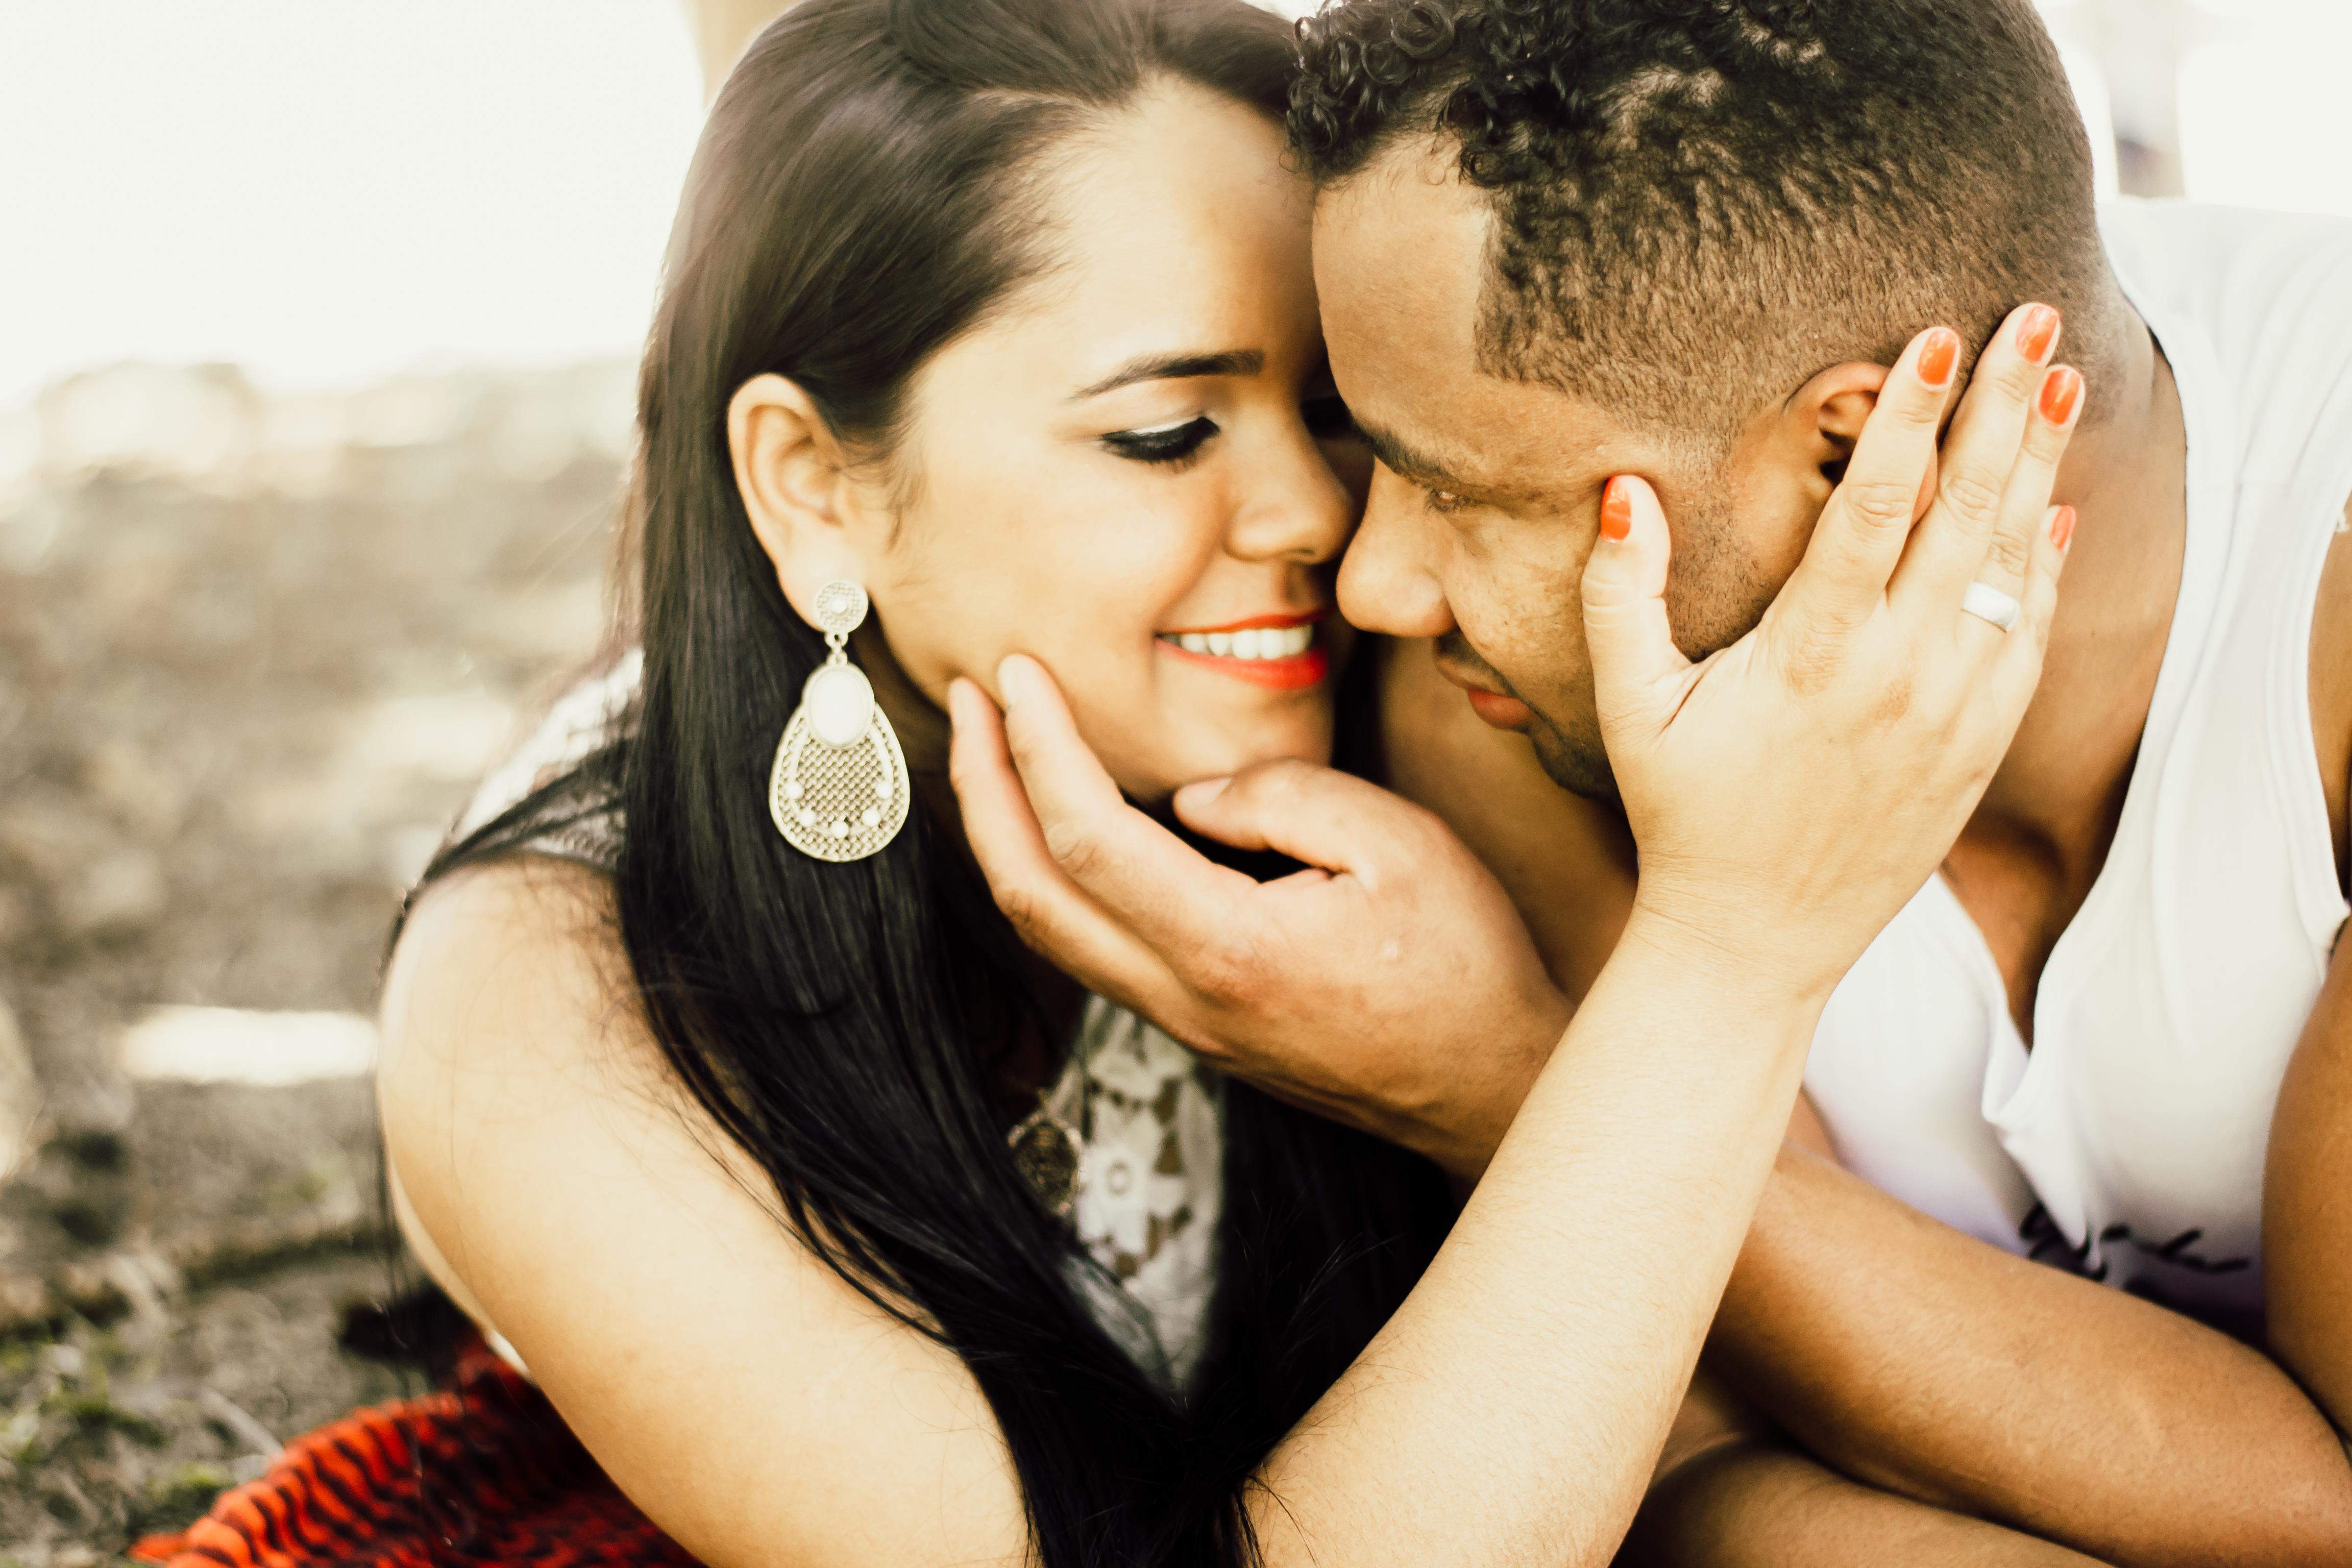 Contate Fotógrafo em ferraz de vasconcelos - São Paulo, Casamento, Família e Ensaios - Guaianases, Zona leste São Paulo, SP